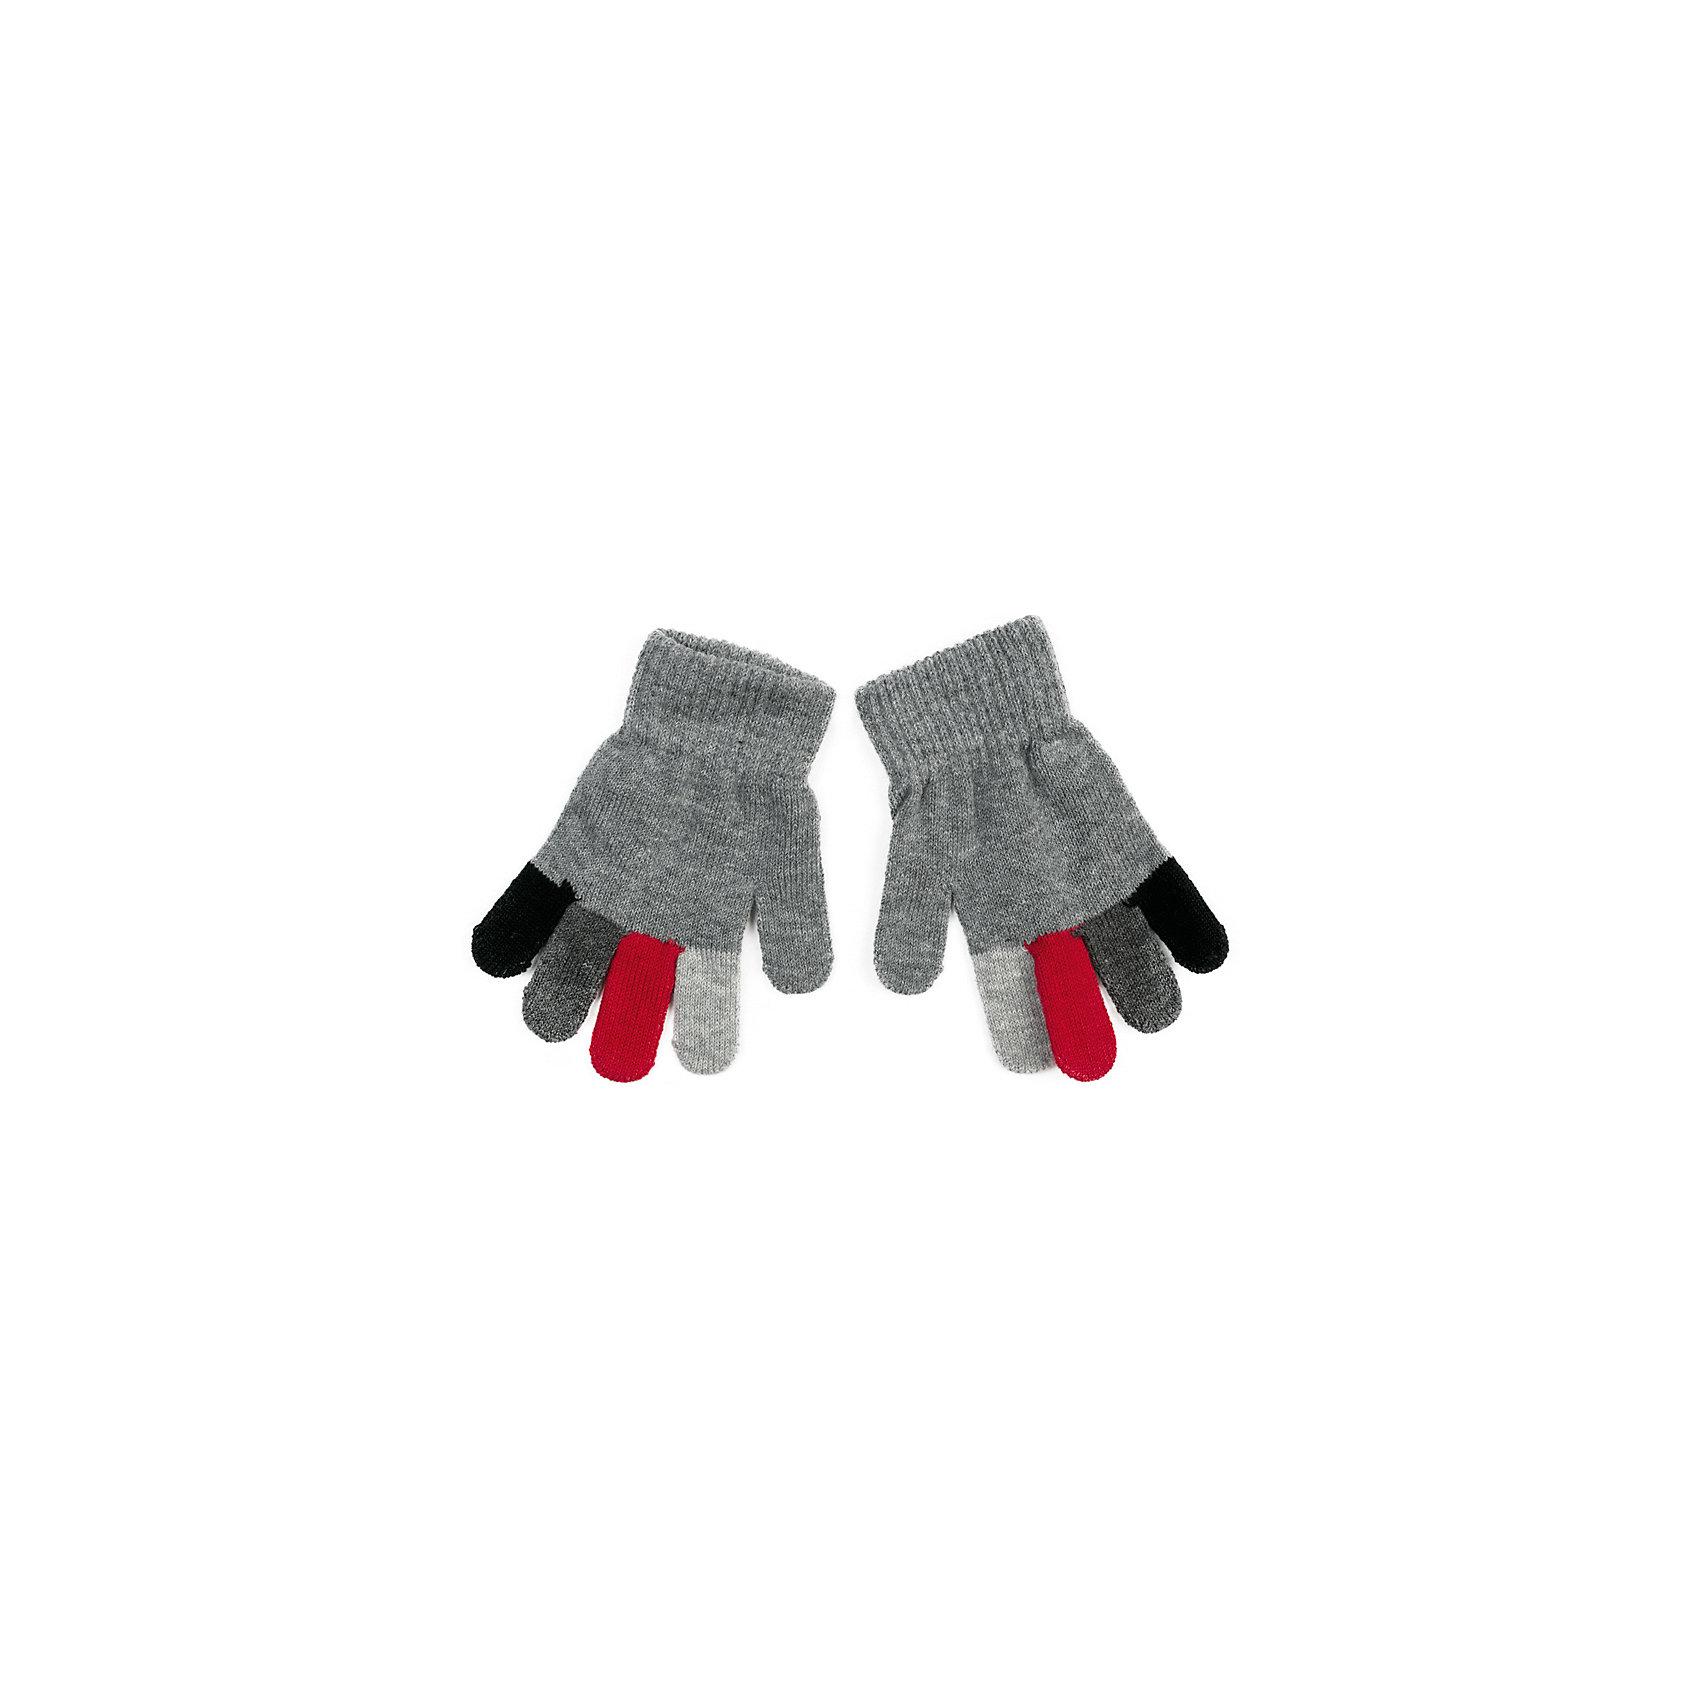 Перчатки PlayToday для мальчикаПерчатки, варежки<br>Перчатки PlayToday для мальчика<br>Вязаные перчатки станут идеальным вариантом для прохладной погоды. Они очень мягкие, хорошо тянутся и прекрасно сохраняют тепло. На манжетах - плотная резинка, которая хорошо держит перчатки на руках ребенка. Модель выполнена в технике yarn dyed, в процессе производства используются разного цвета нити. Изделие, при рекомендуемом уходе, не линяет и надолго остается в прежнем виде.<br>Состав:<br>80% хлопок, 18% нейлон, 2% эластан<br><br>Ширина мм: 162<br>Глубина мм: 171<br>Высота мм: 55<br>Вес г: 119<br>Цвет: белый<br>Возраст от месяцев: 84<br>Возраст до месяцев: 96<br>Пол: Мужской<br>Возраст: Детский<br>Размер: 4,2,3<br>SKU: 7106042